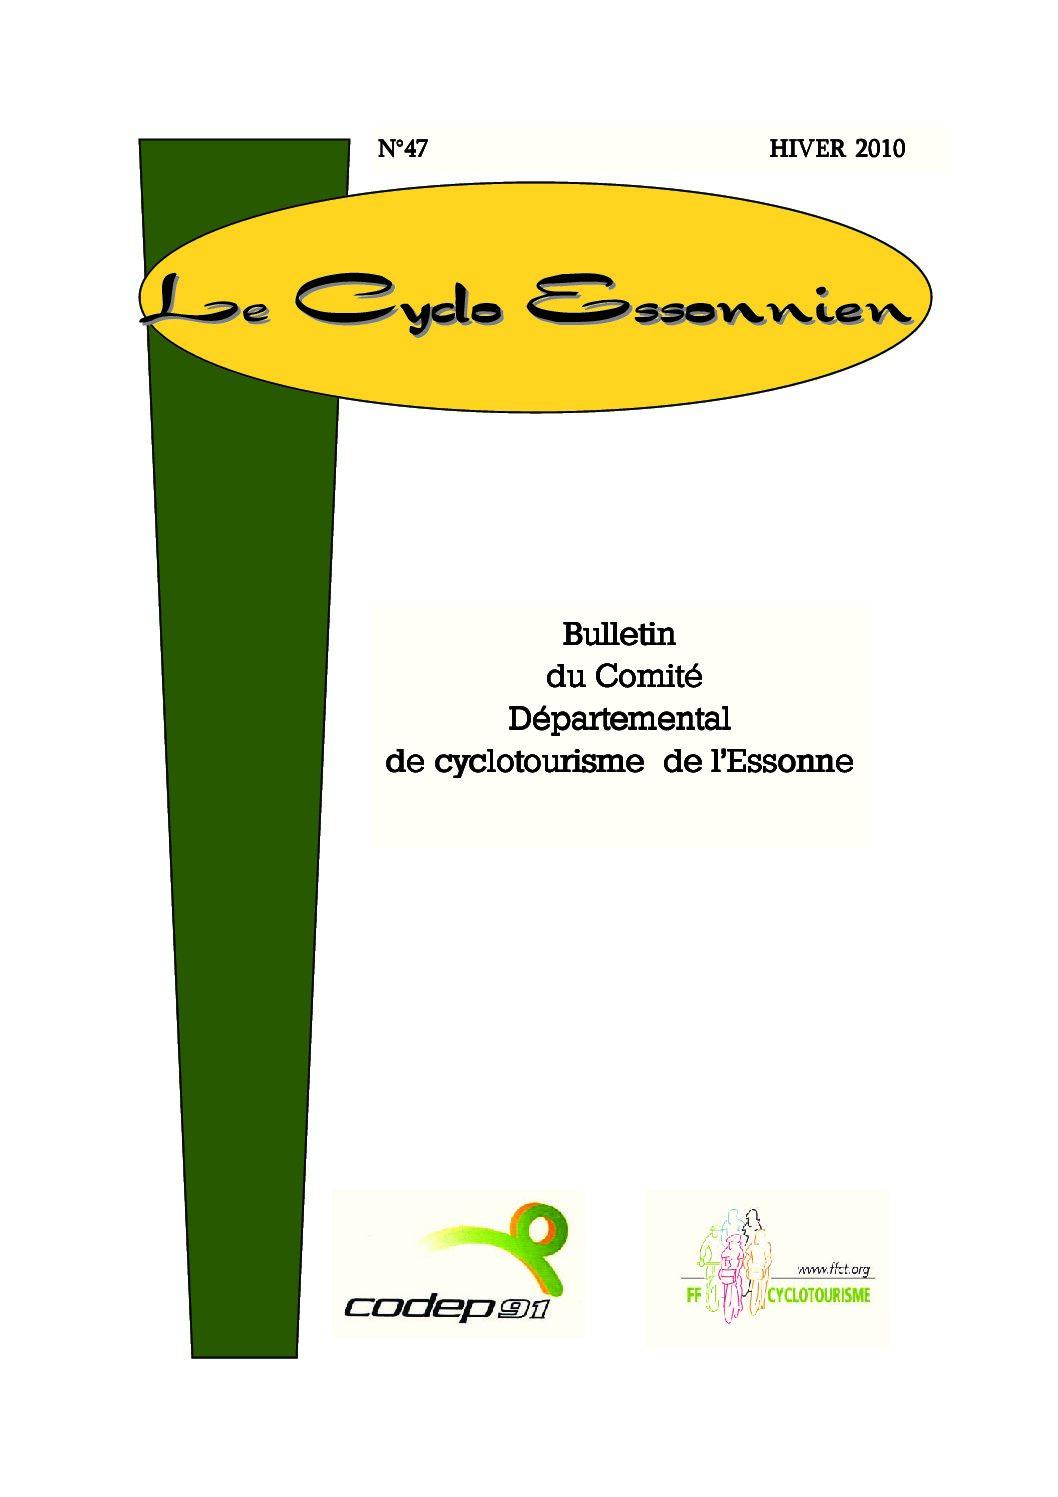 Le Cyclo Essonnien n°47